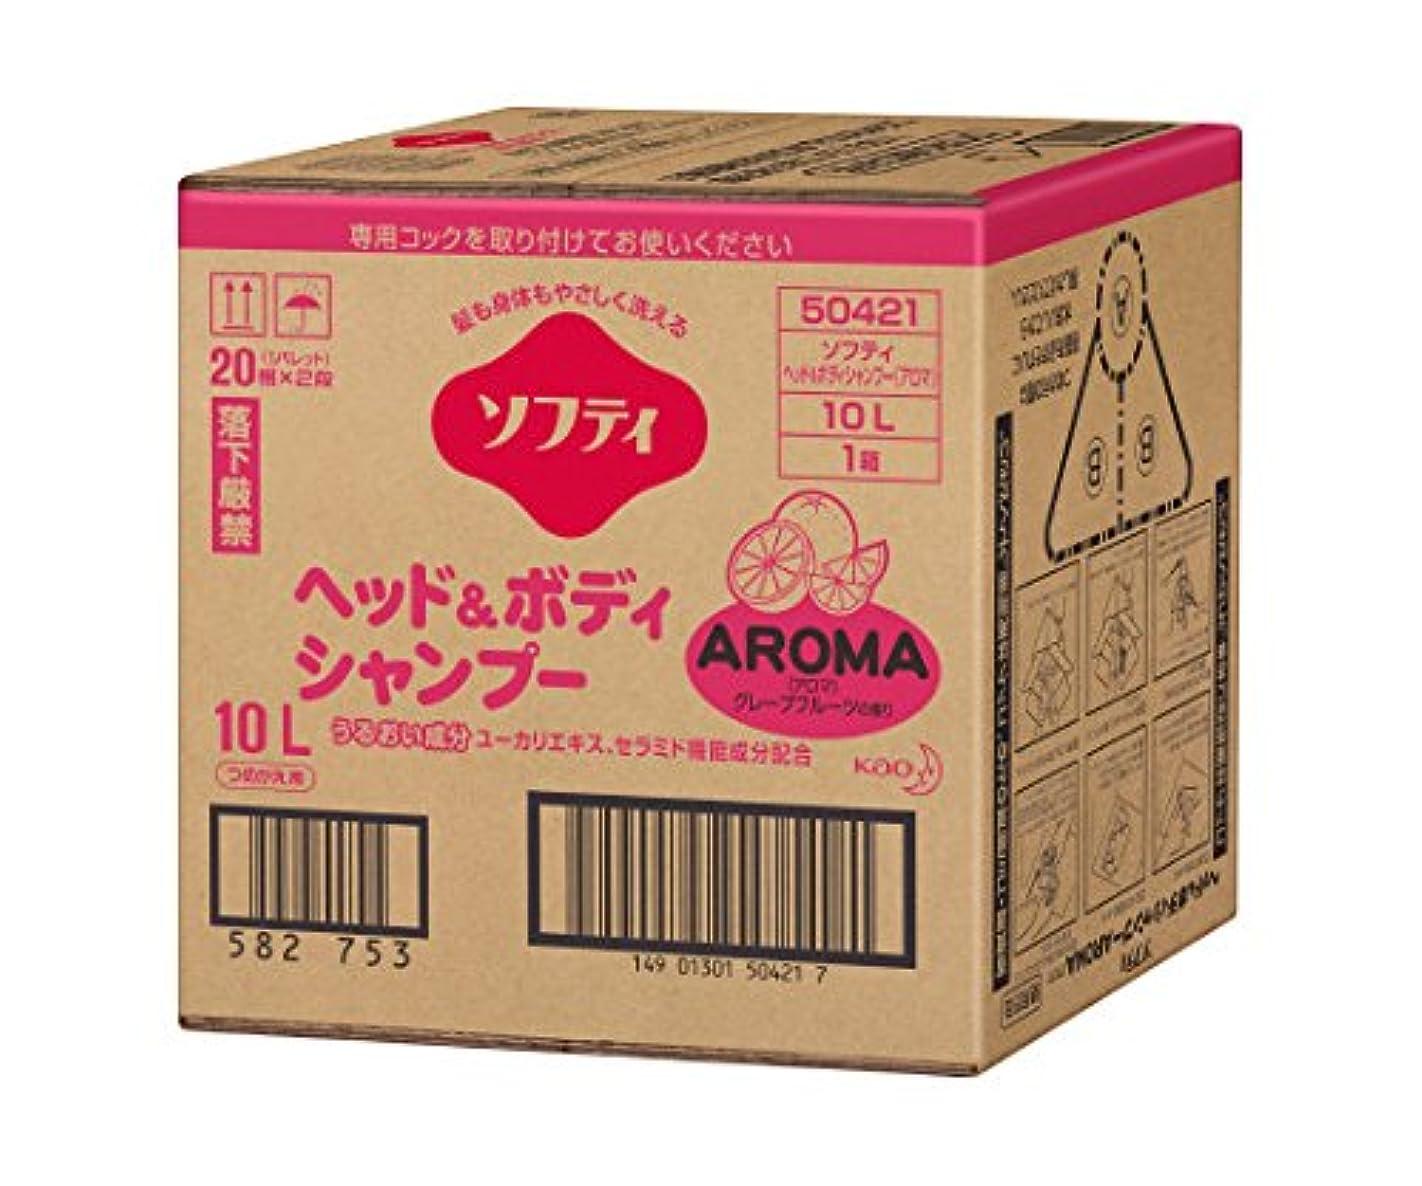 自体スーツ不道徳花王61-8510-01ソフティヘッド&ボディシャンプーAROMA(アロマ)10Lバッグインボックスタイプ介護用